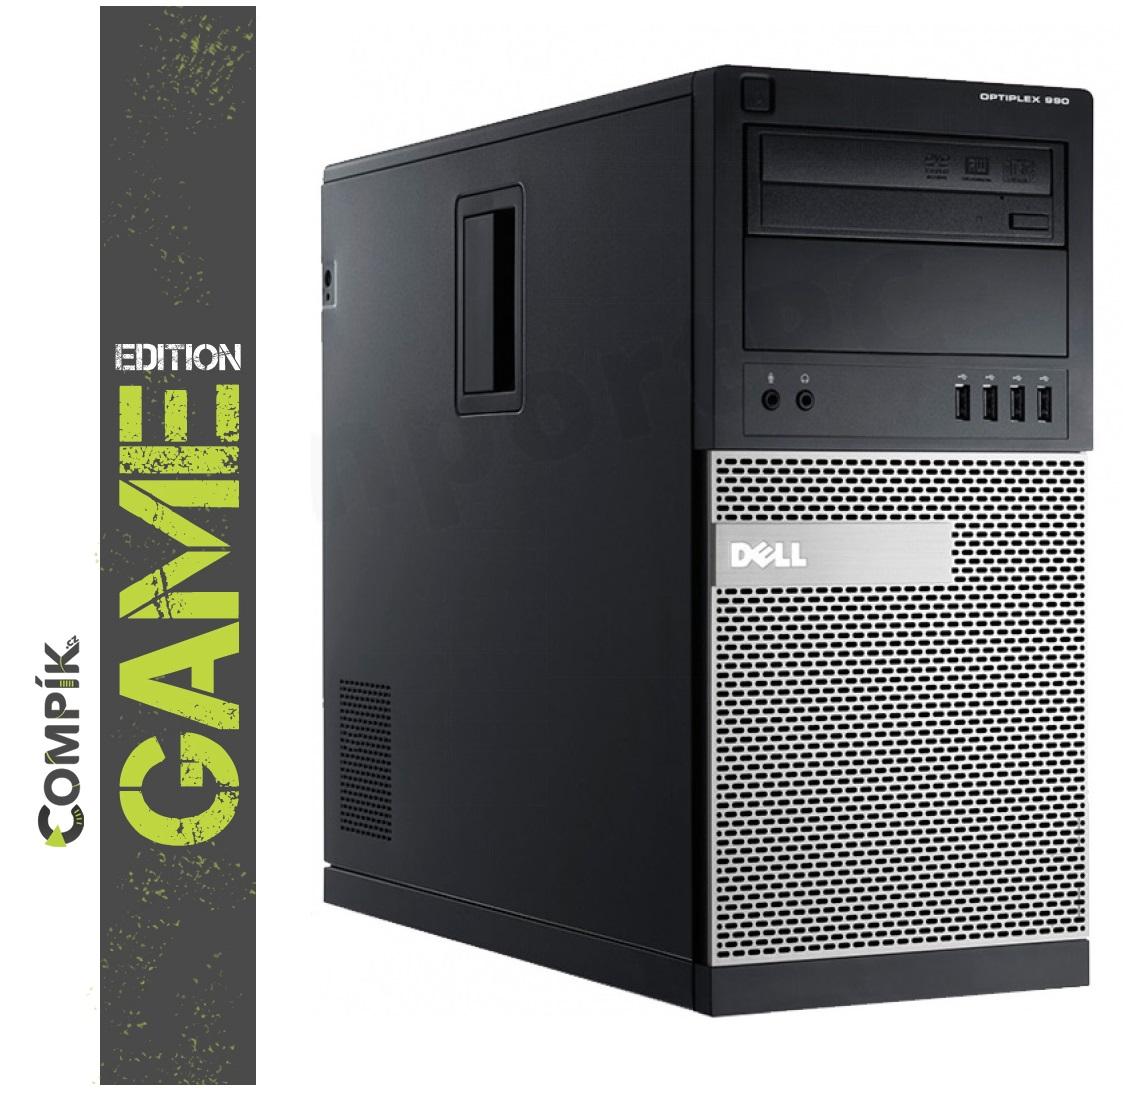 Herní PC Dell 7020 s Intel i5-4570/ Nvidia GTX 1650 4GB/ 8GB/ 500GB/ DVDRW/ W10 Pro